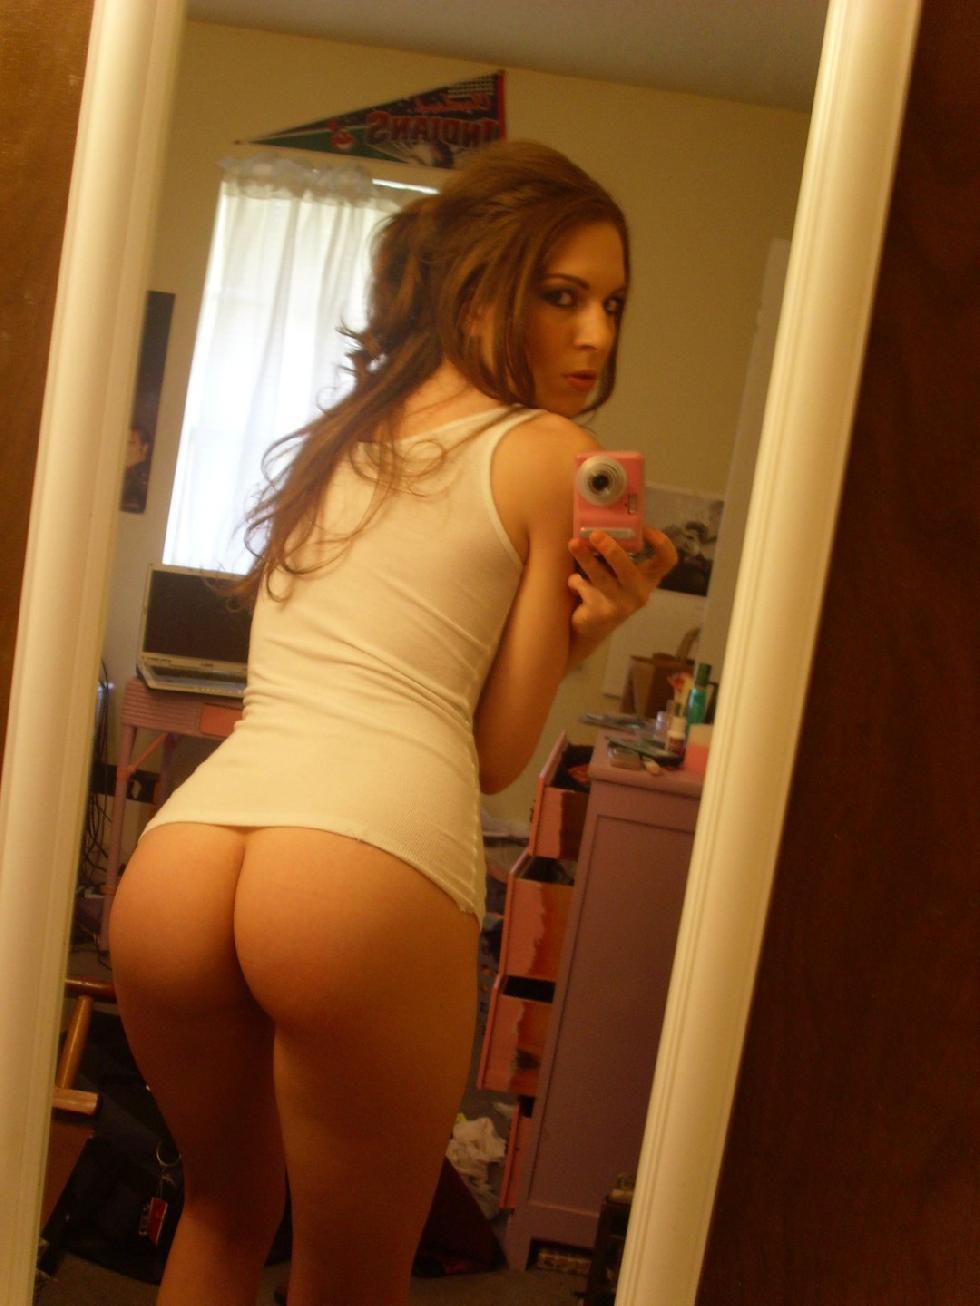 weekly_erotic_picdump_-_352015_34